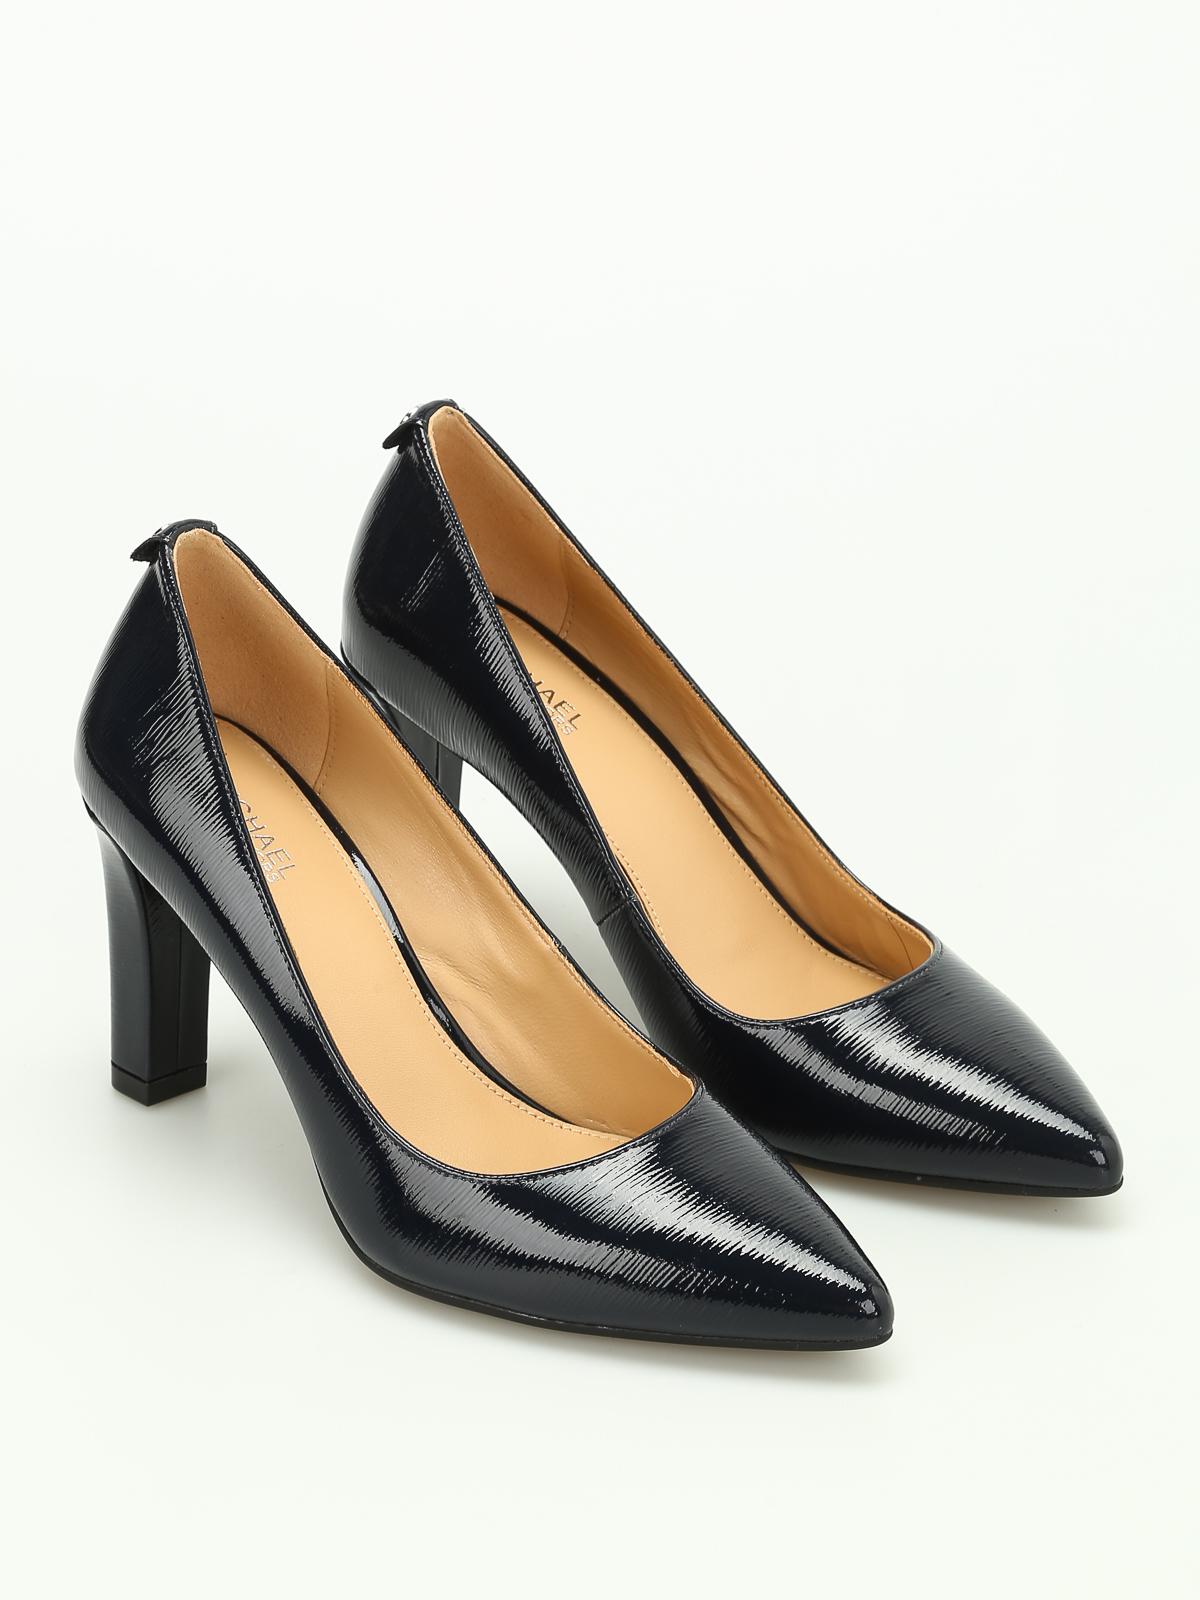 4b3a21986 Michael Kors - Abbi Flex patent pumps - court shoes - 40F7ABMP1A414